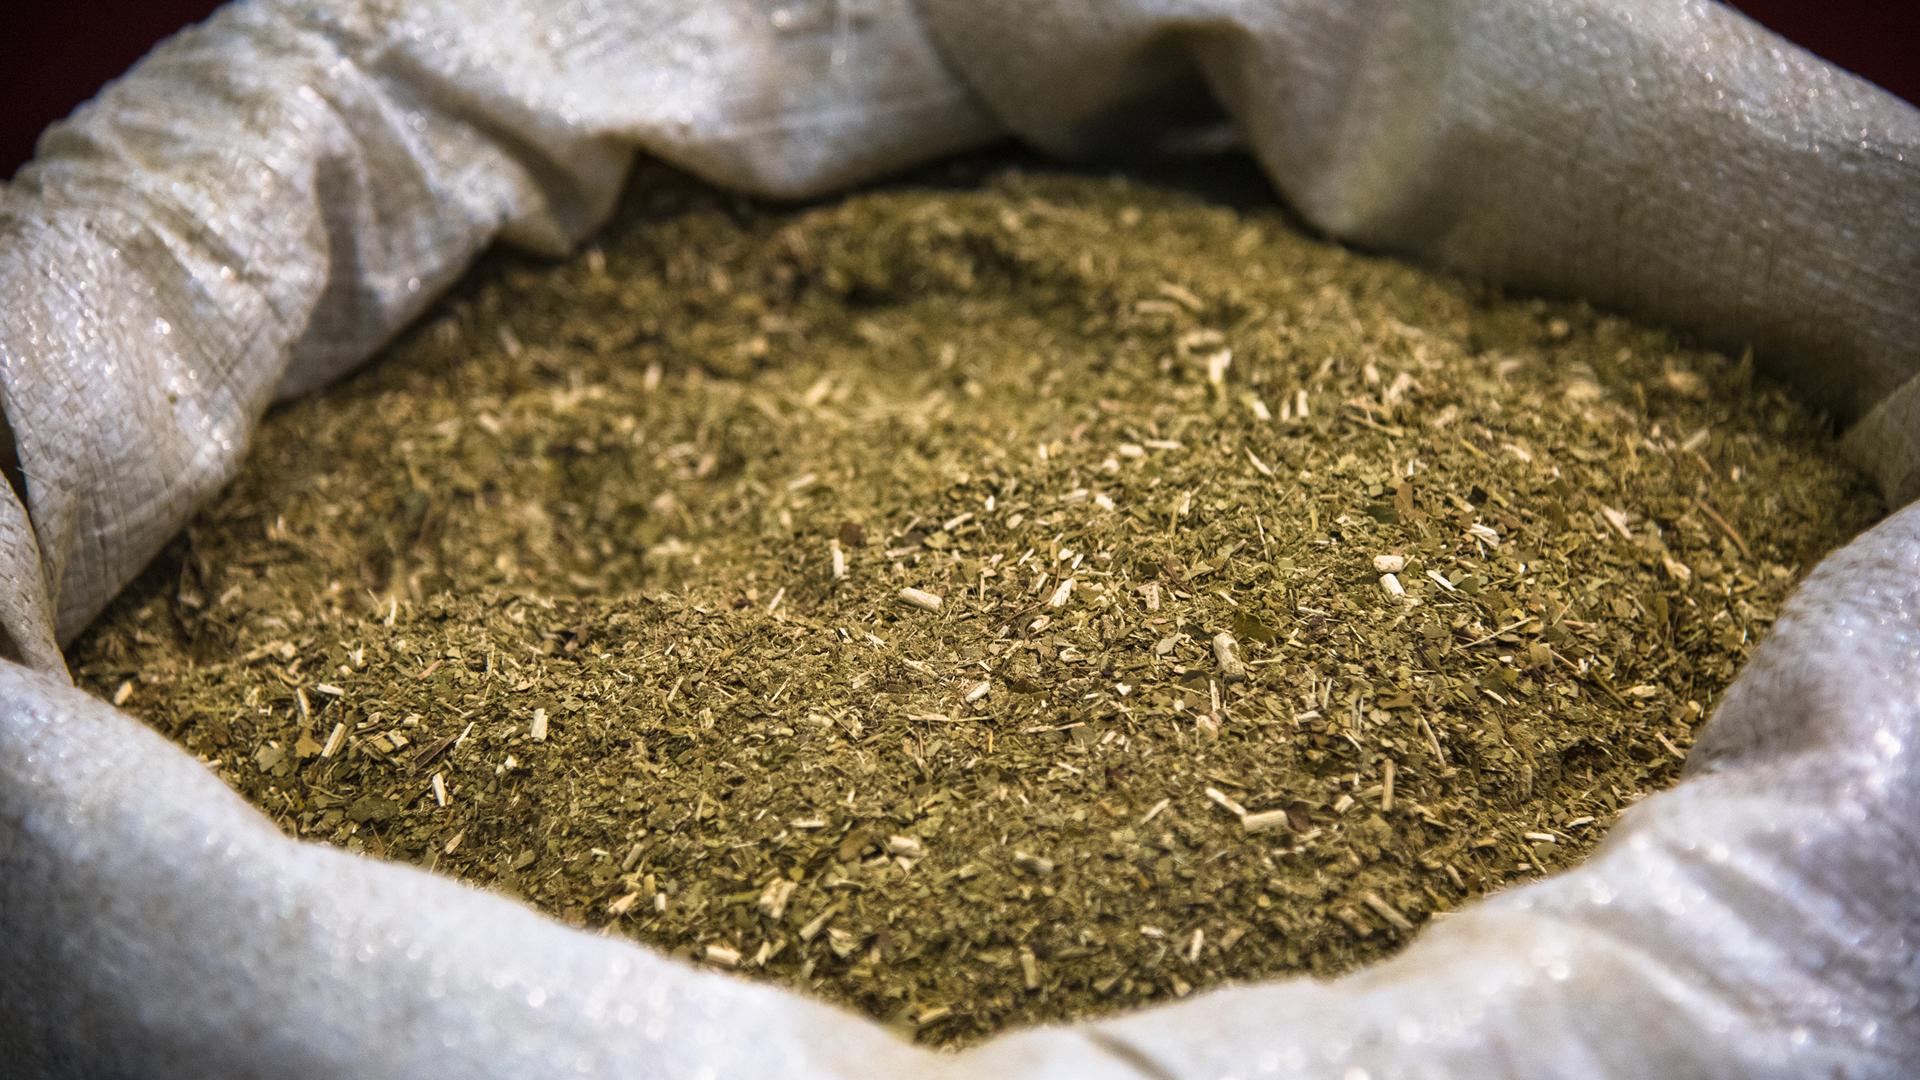 La yerba mate está compuesta por hoja fina, hoja gruesa, hoja impalpable y palo (iStock)